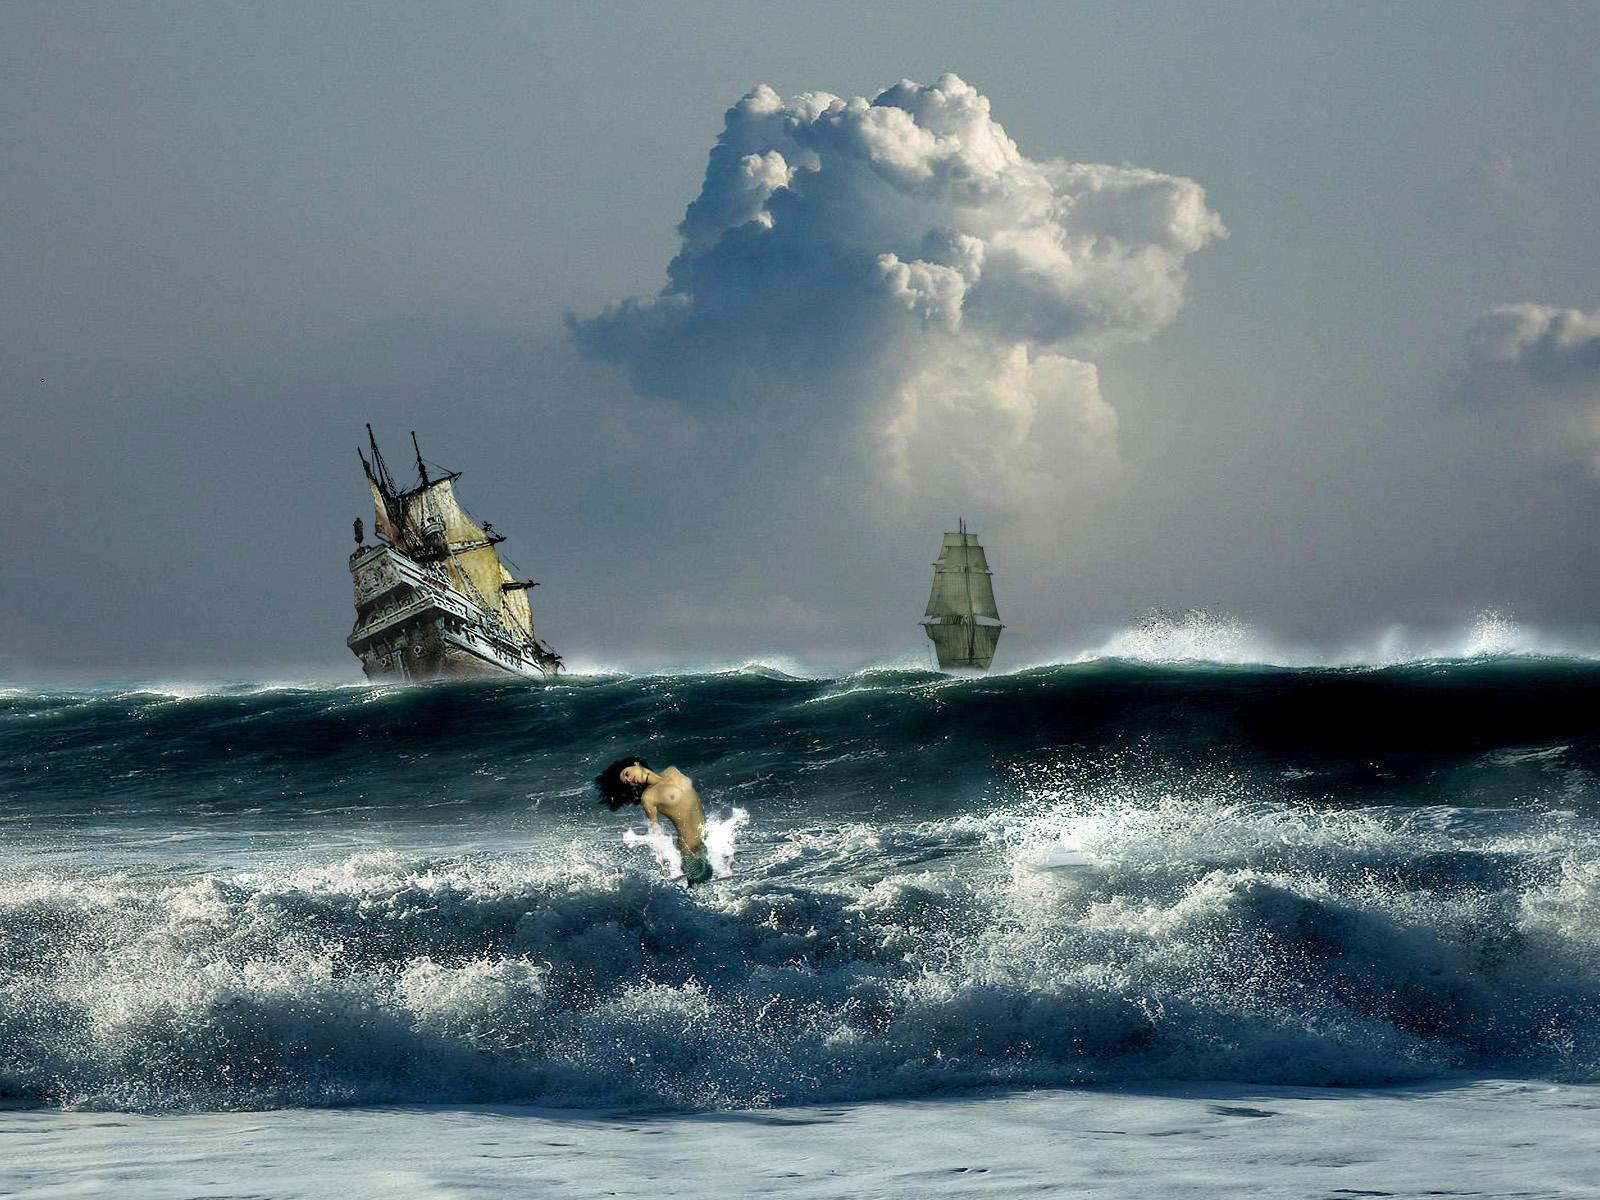 Fotos de Sirenas Encontradas